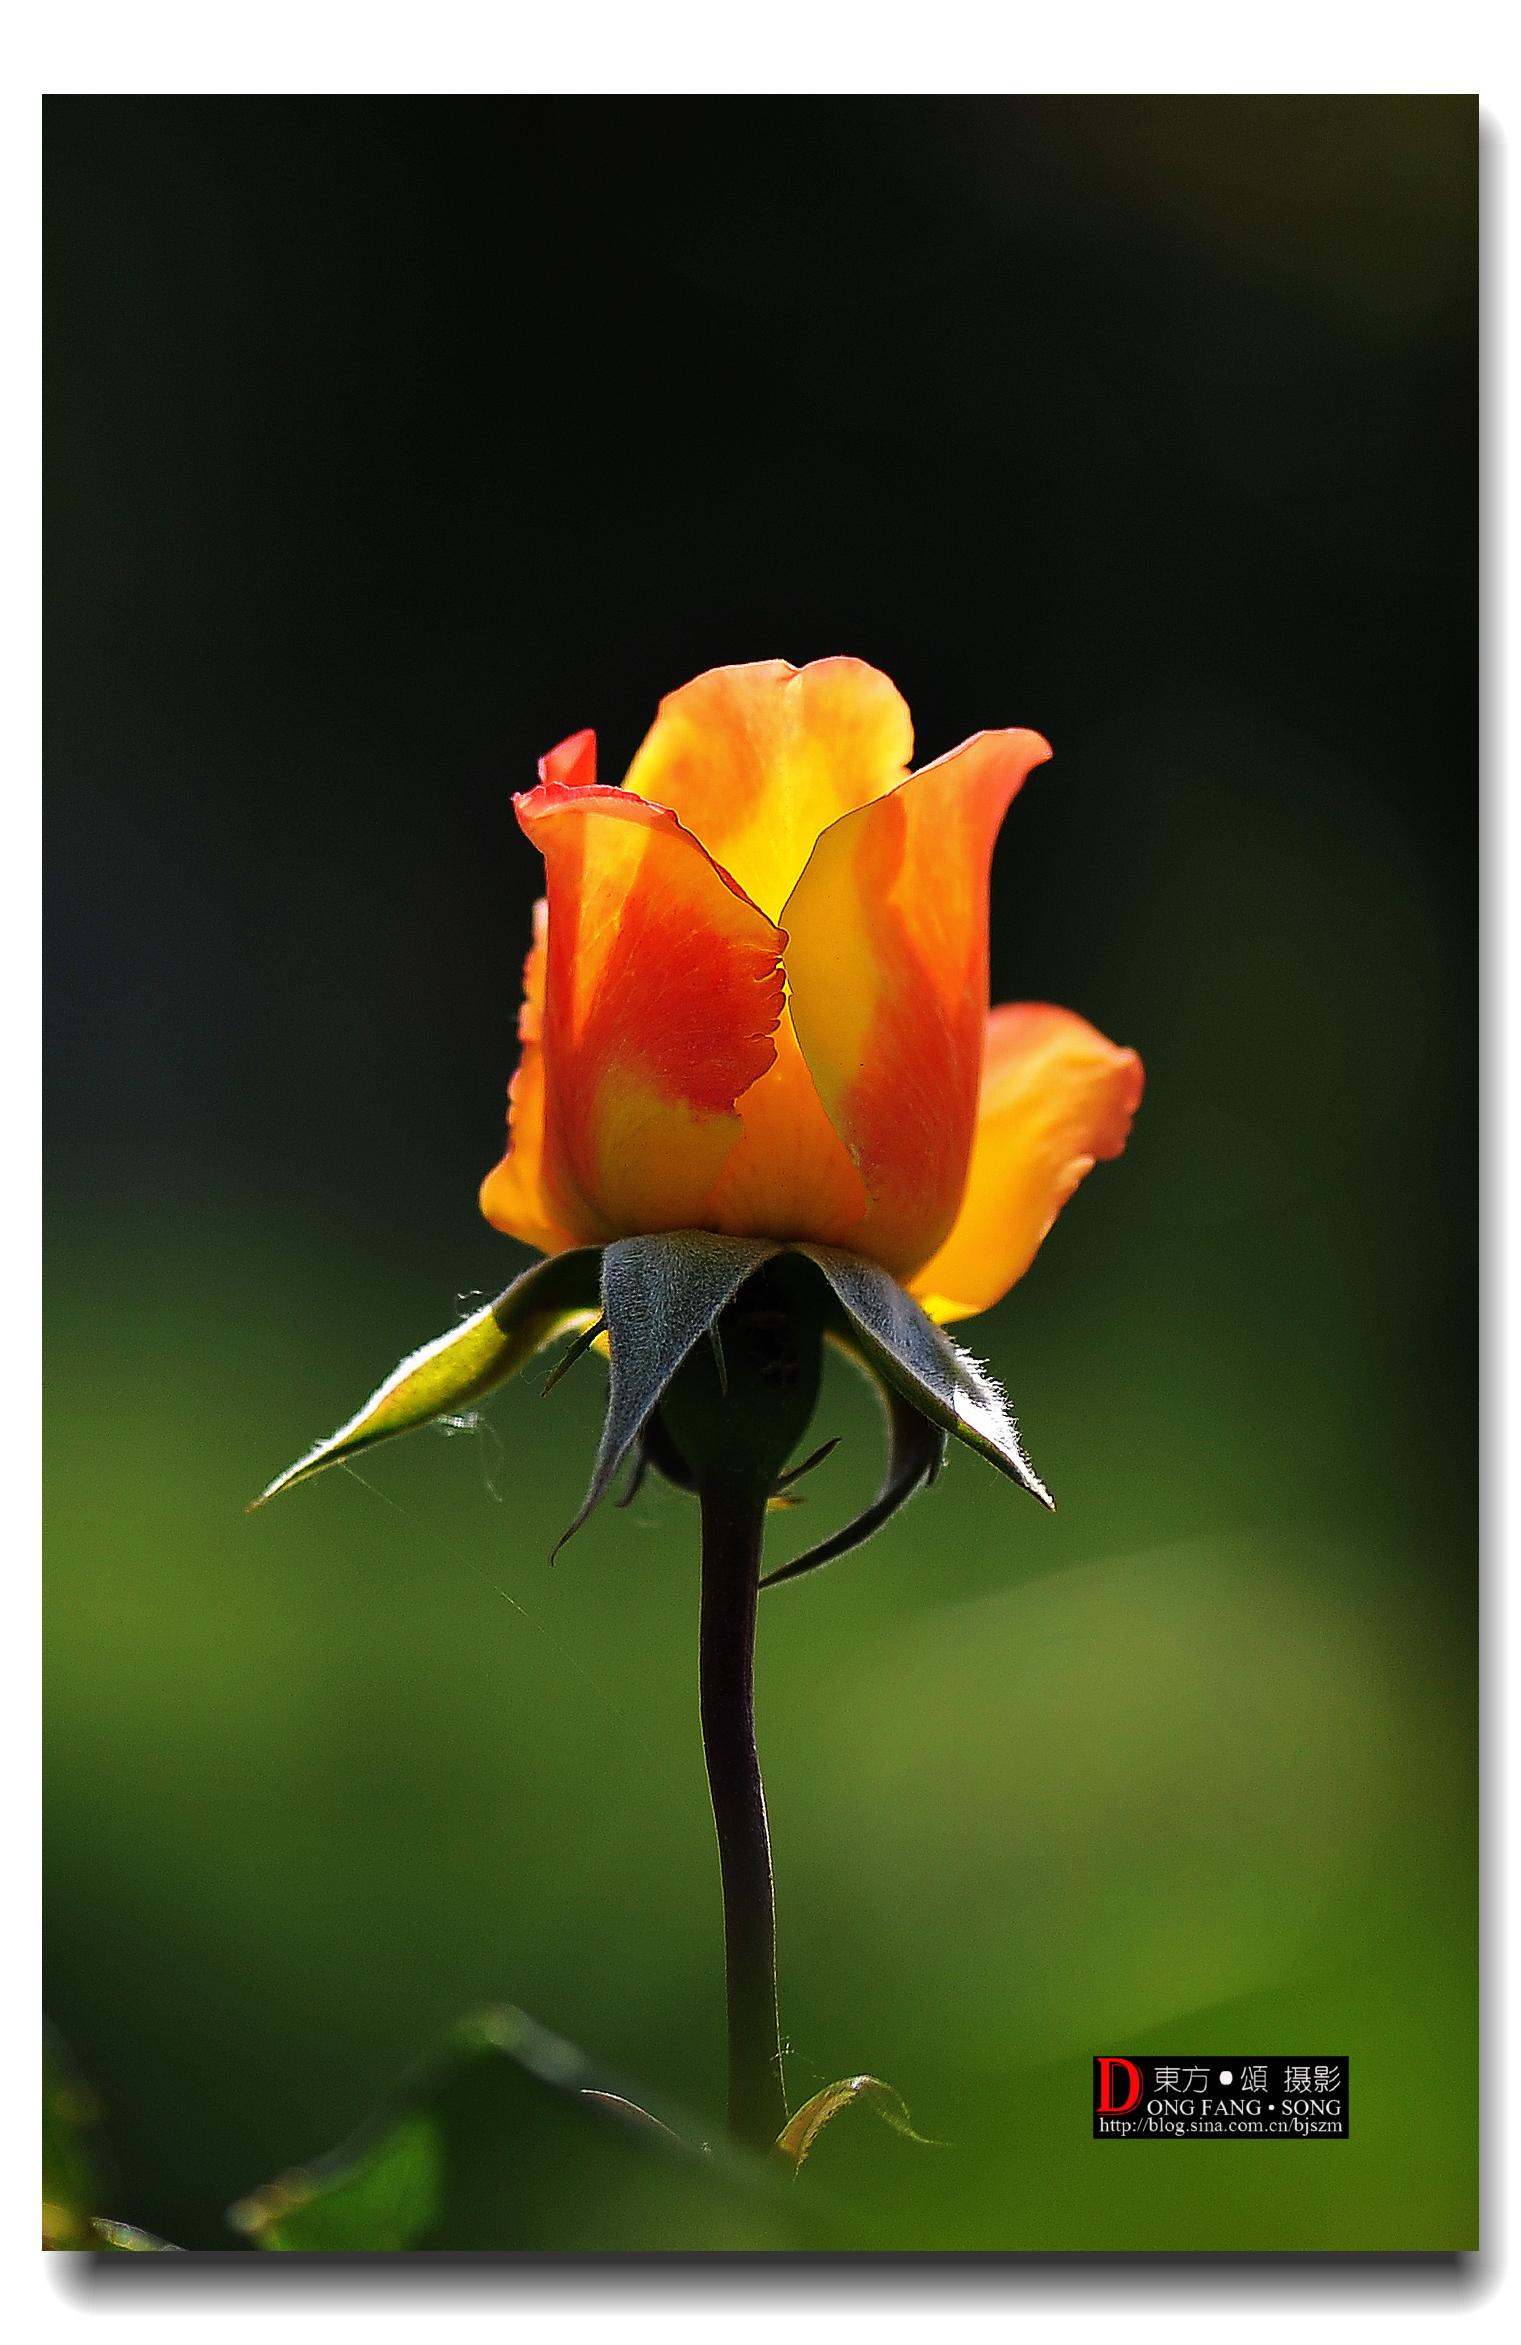 献花·祝贺美国中文网升级【東方·頌00014】_图1-2